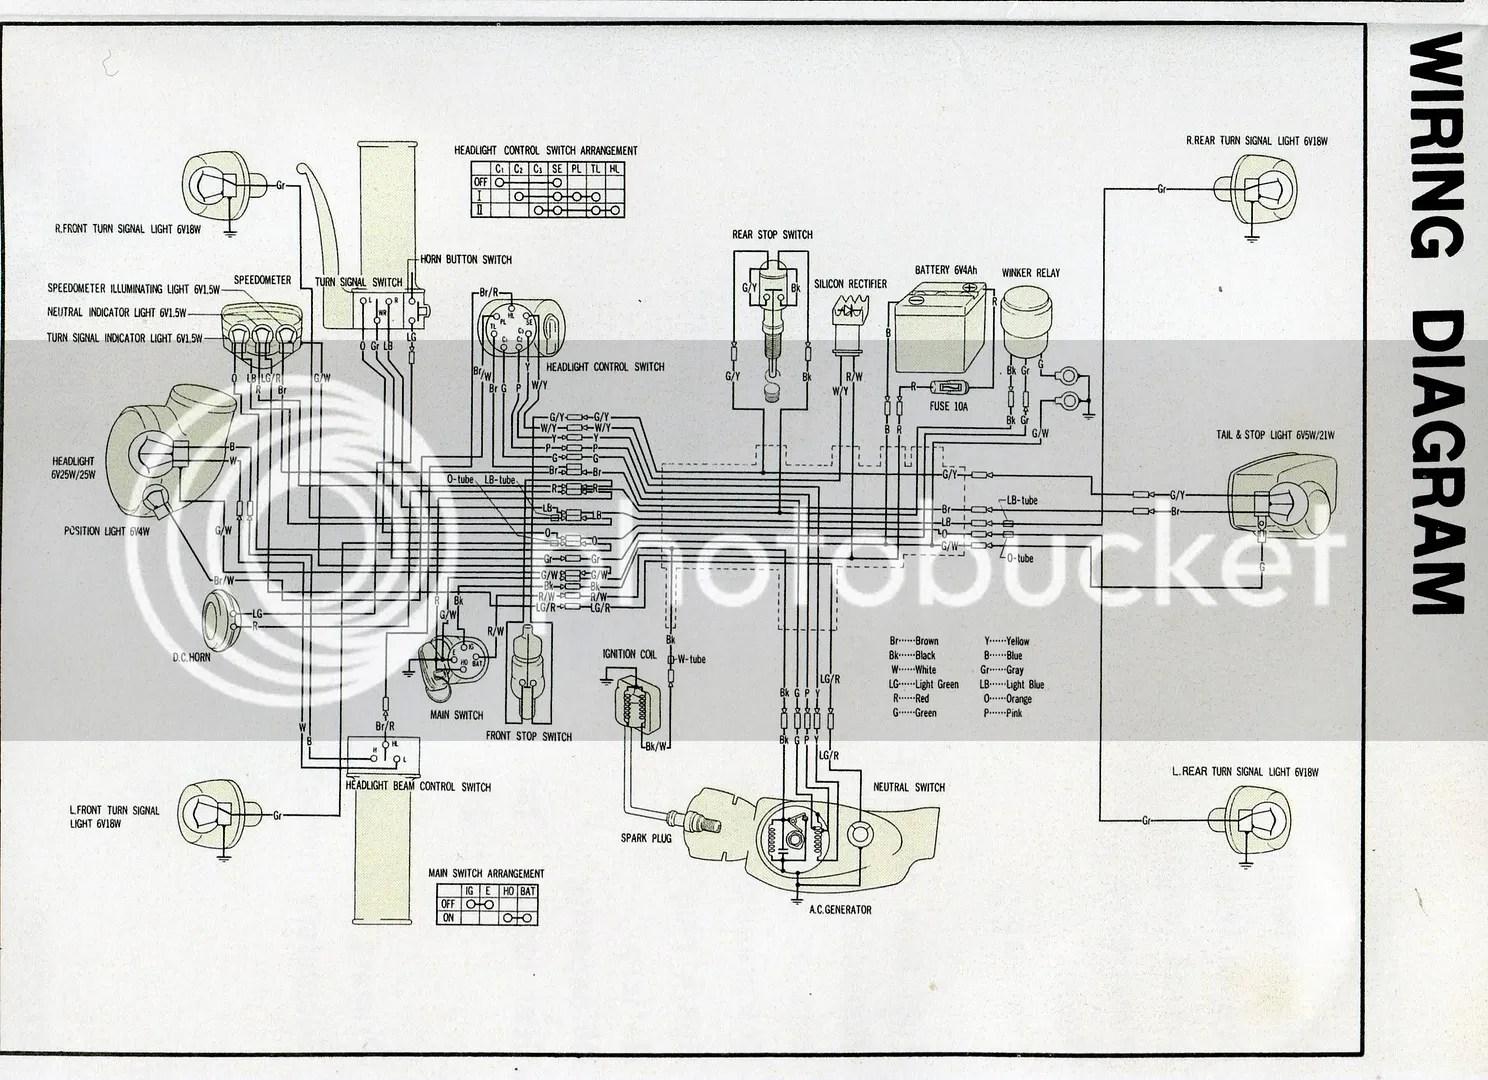 K2 Wiring Diagram | Wiring Diagram Database